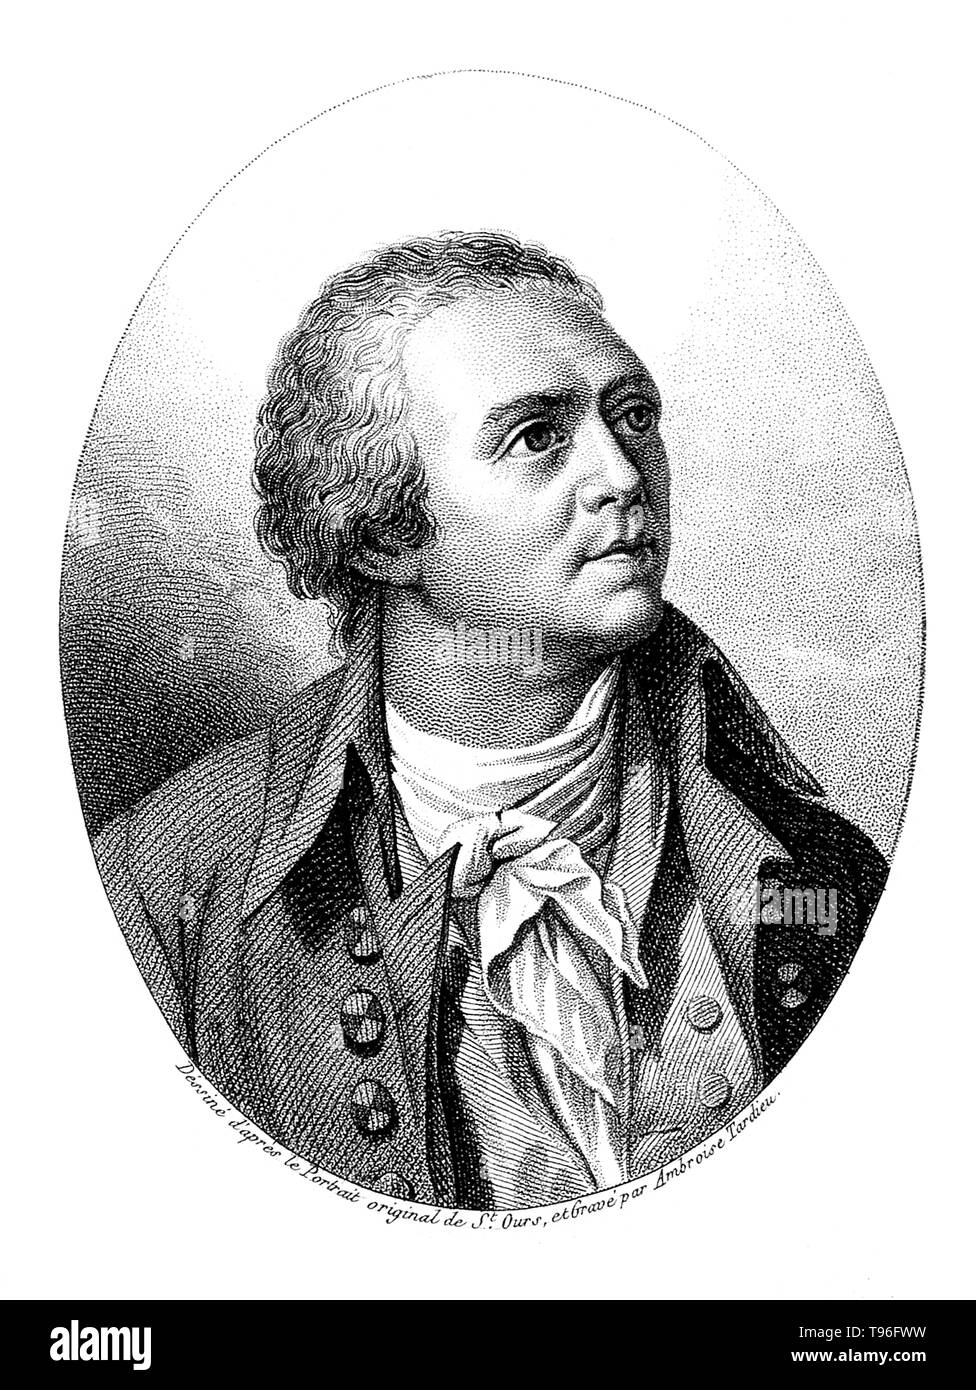 Horace-Bénédict de Saussure (Februar 17, 1740 - Januar 22, 1799) war ein Genfer Geologen, Meteorologe, Physiker, Bergsteiger und Alpin Explorer, der oft auch als Gründer des Alpinismus und des modernen Meteorologie. Er untersucht die Neigung der Schichten, der Art der Gesteine, Fossilien und Mineralien der Alpen. Stockfoto